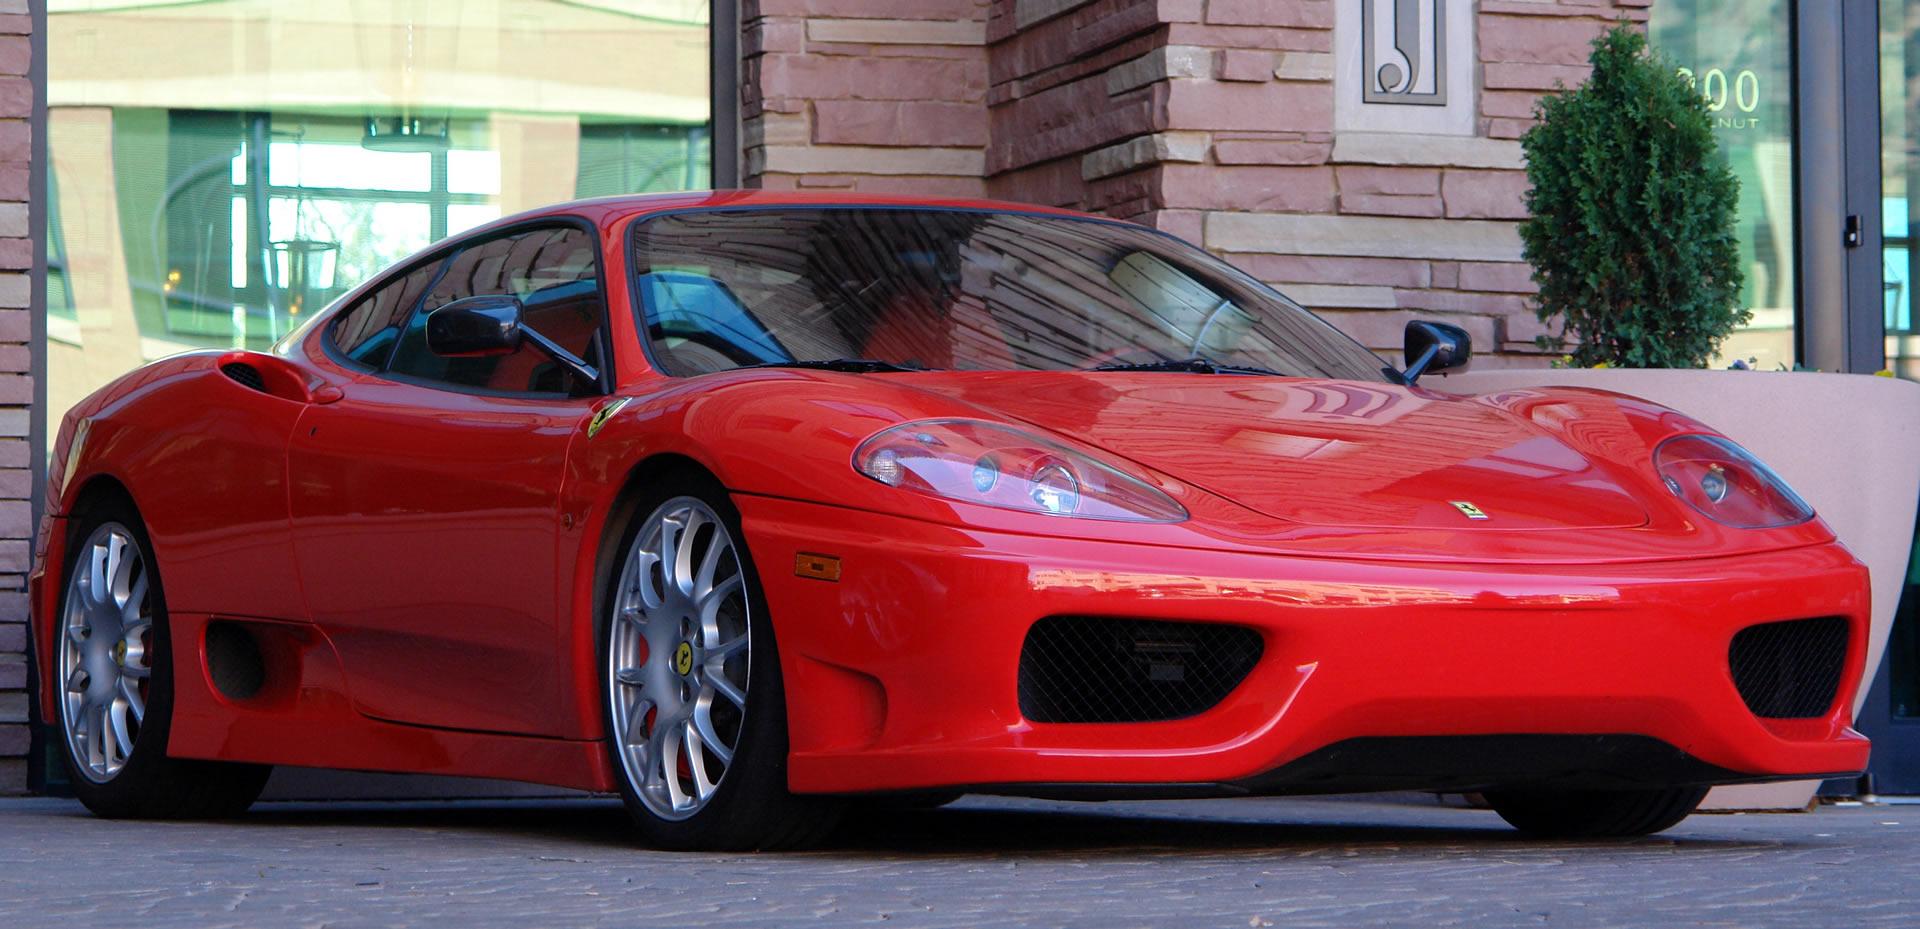 Fanciful Ferrari's